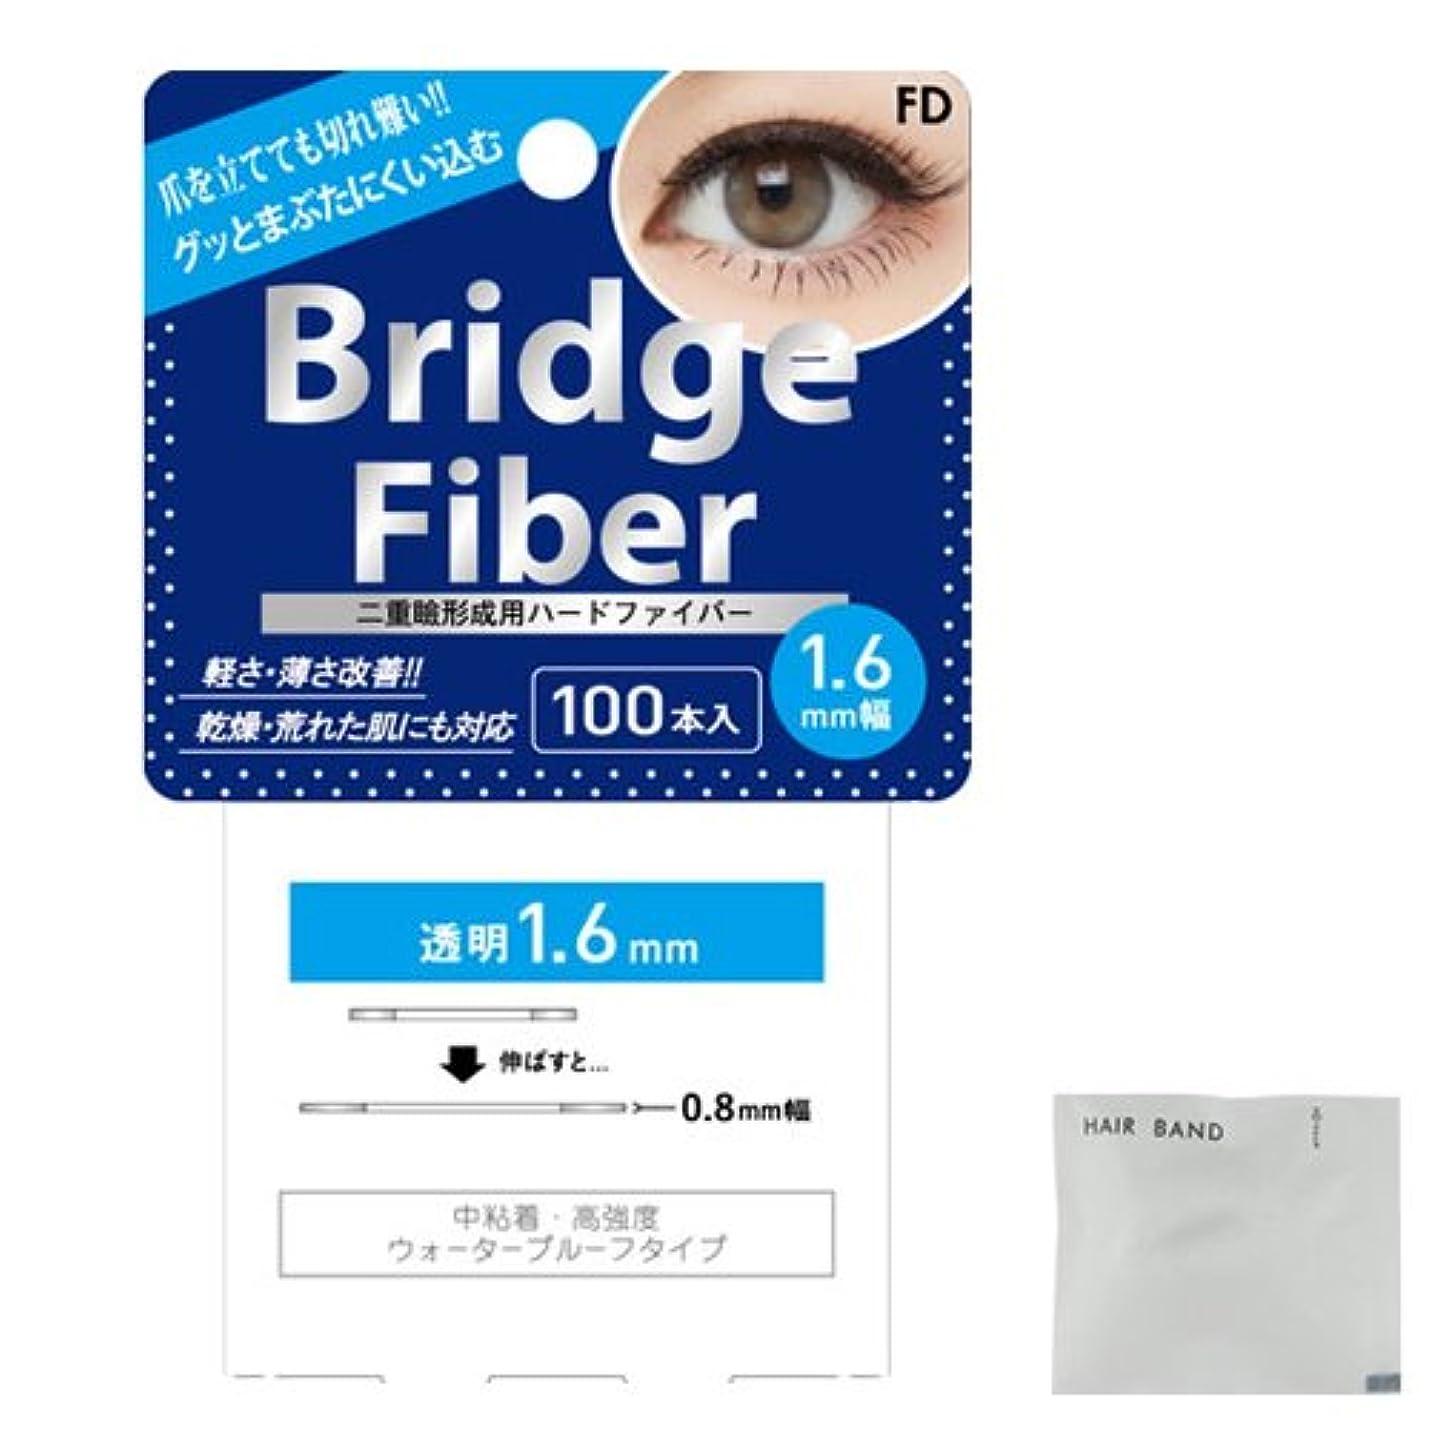 リゾートカテゴリーと闘うFD ブリッジファイバーⅡ (Bridge Fiber) クリア1.6mm + ヘアゴム(カラーはおまかせ)セット